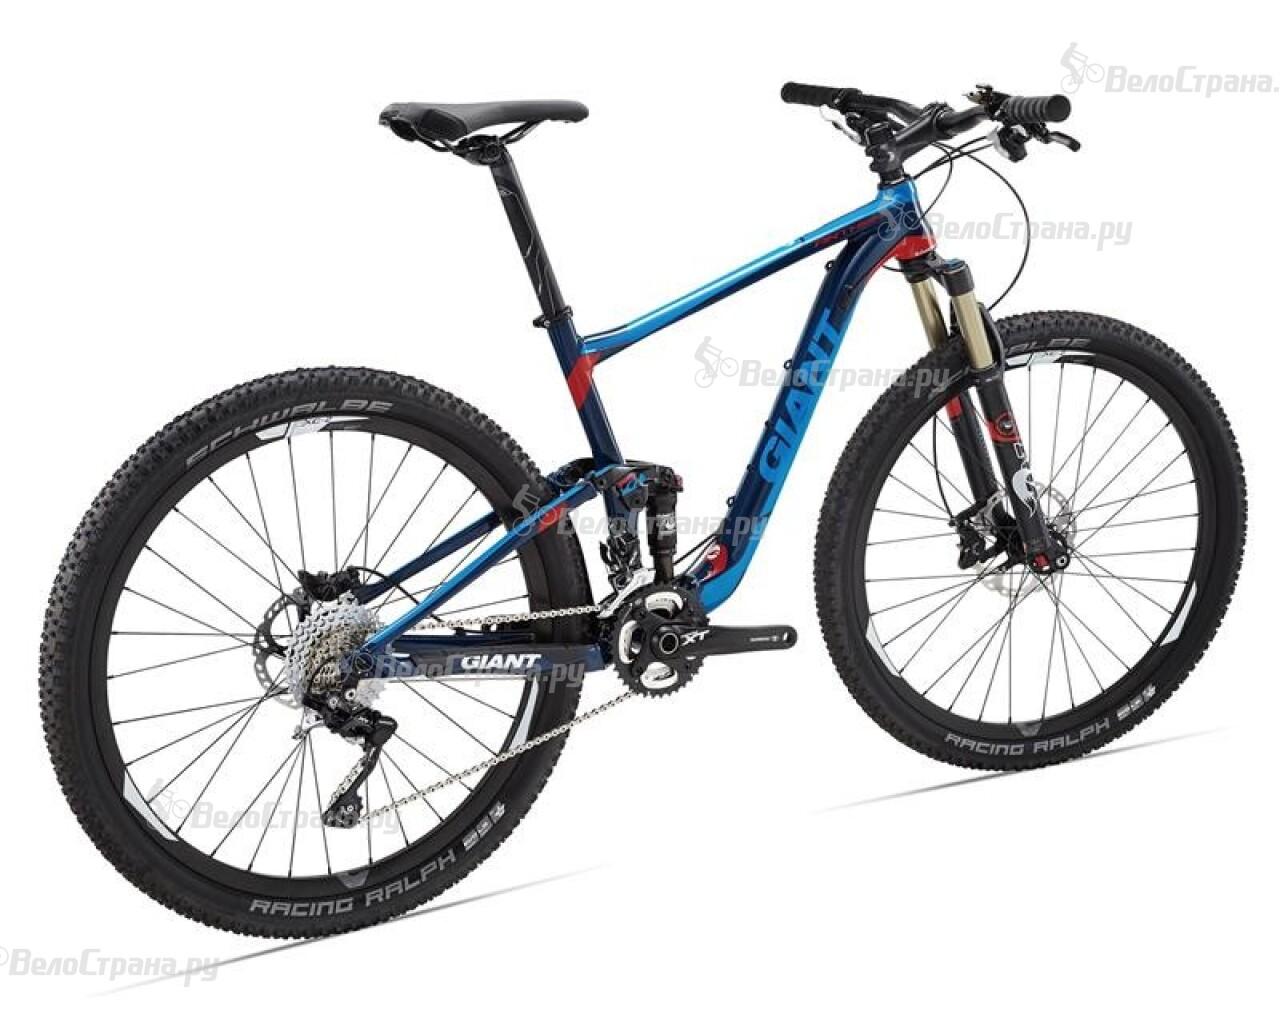 Велосипед Giant Anthem 27.5 1 (2015) bela 10499 elves emily jones